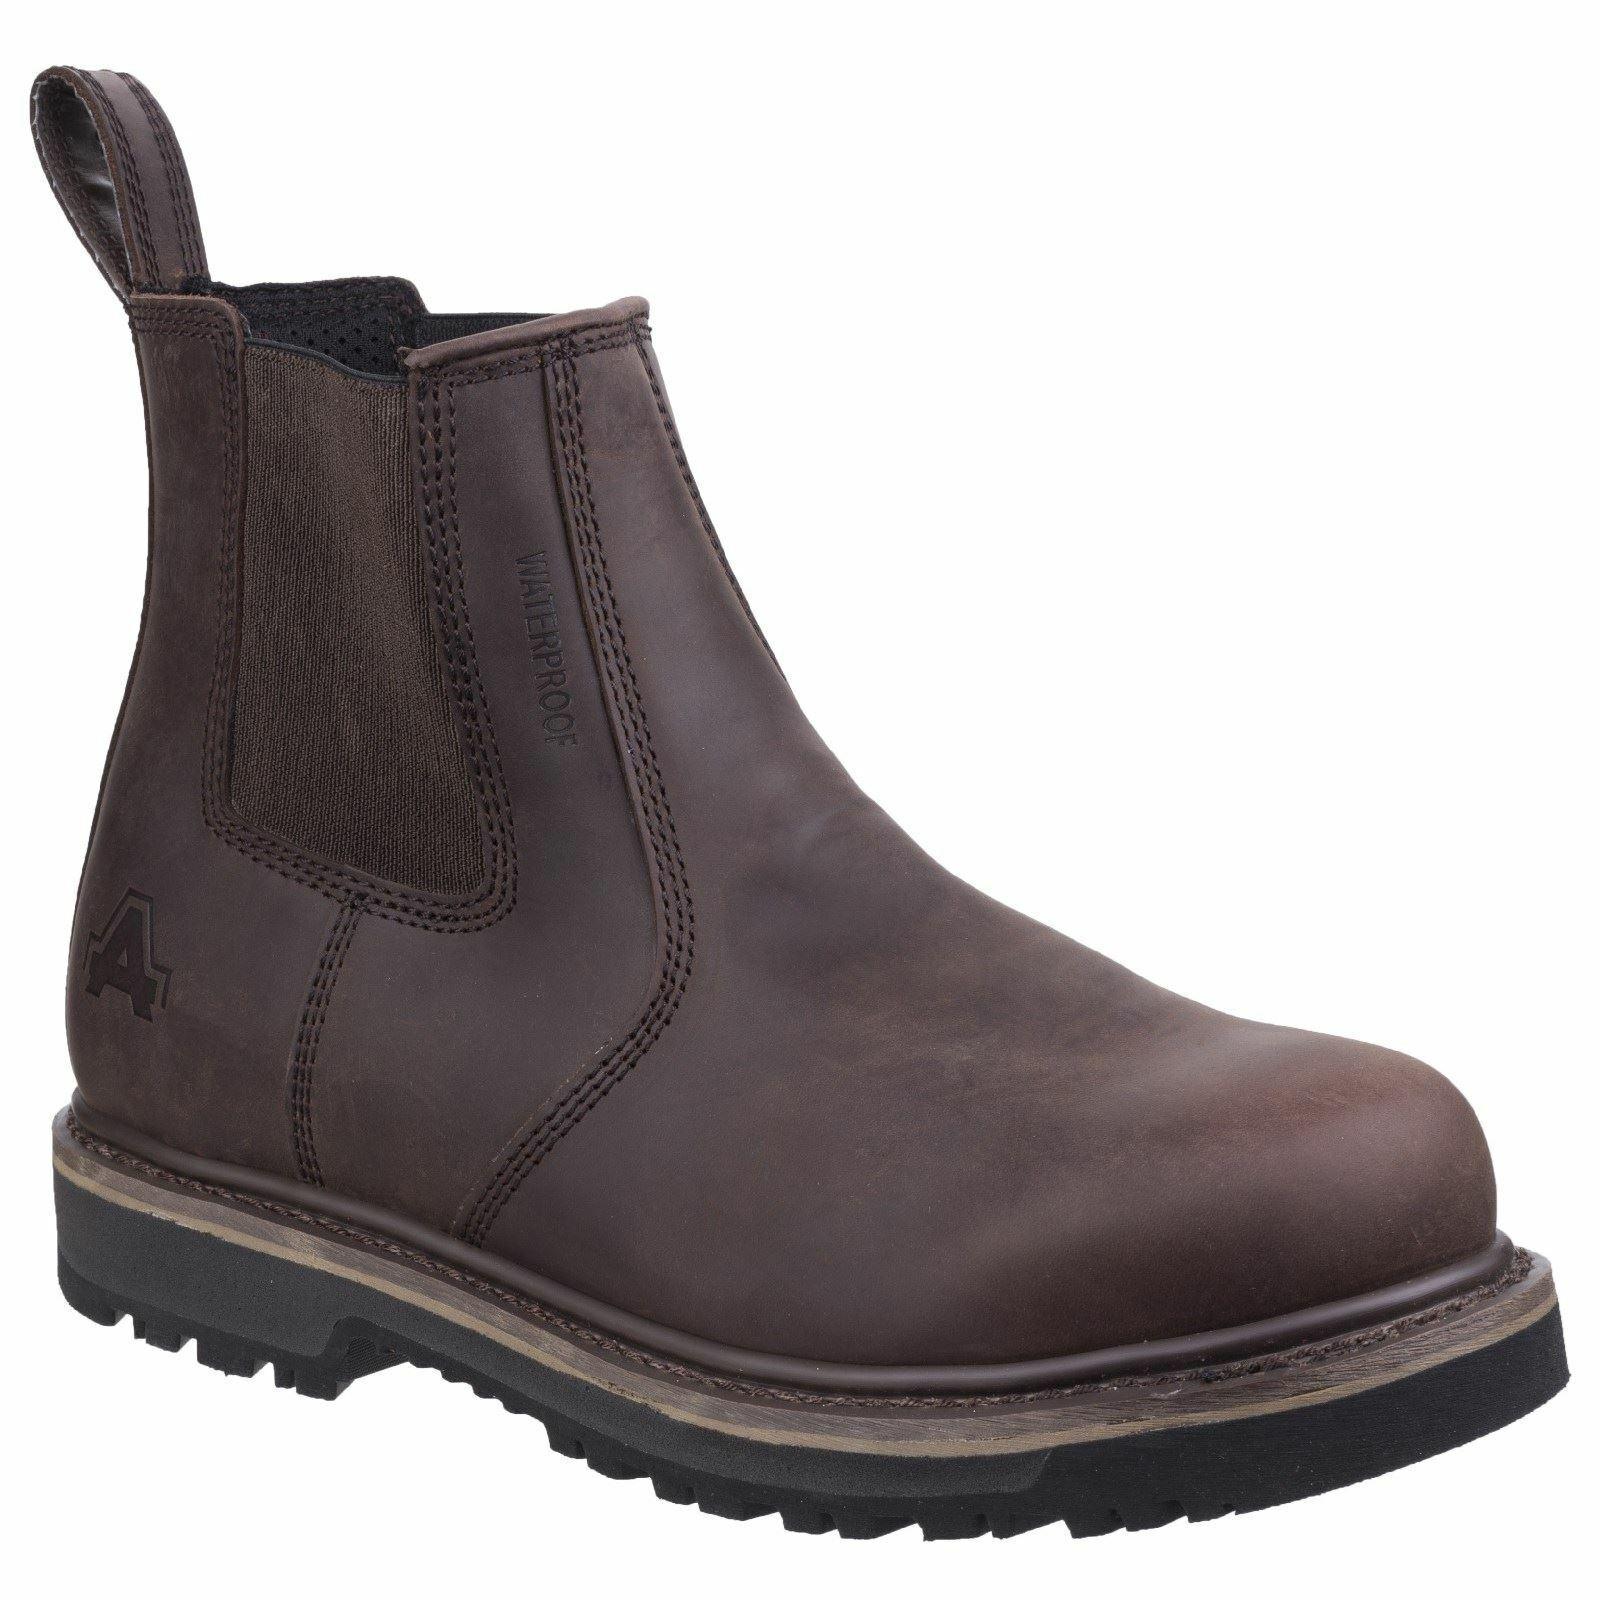 Amblers Carlisle marrón grano lleno botas para hombre de cuero resistente al agua